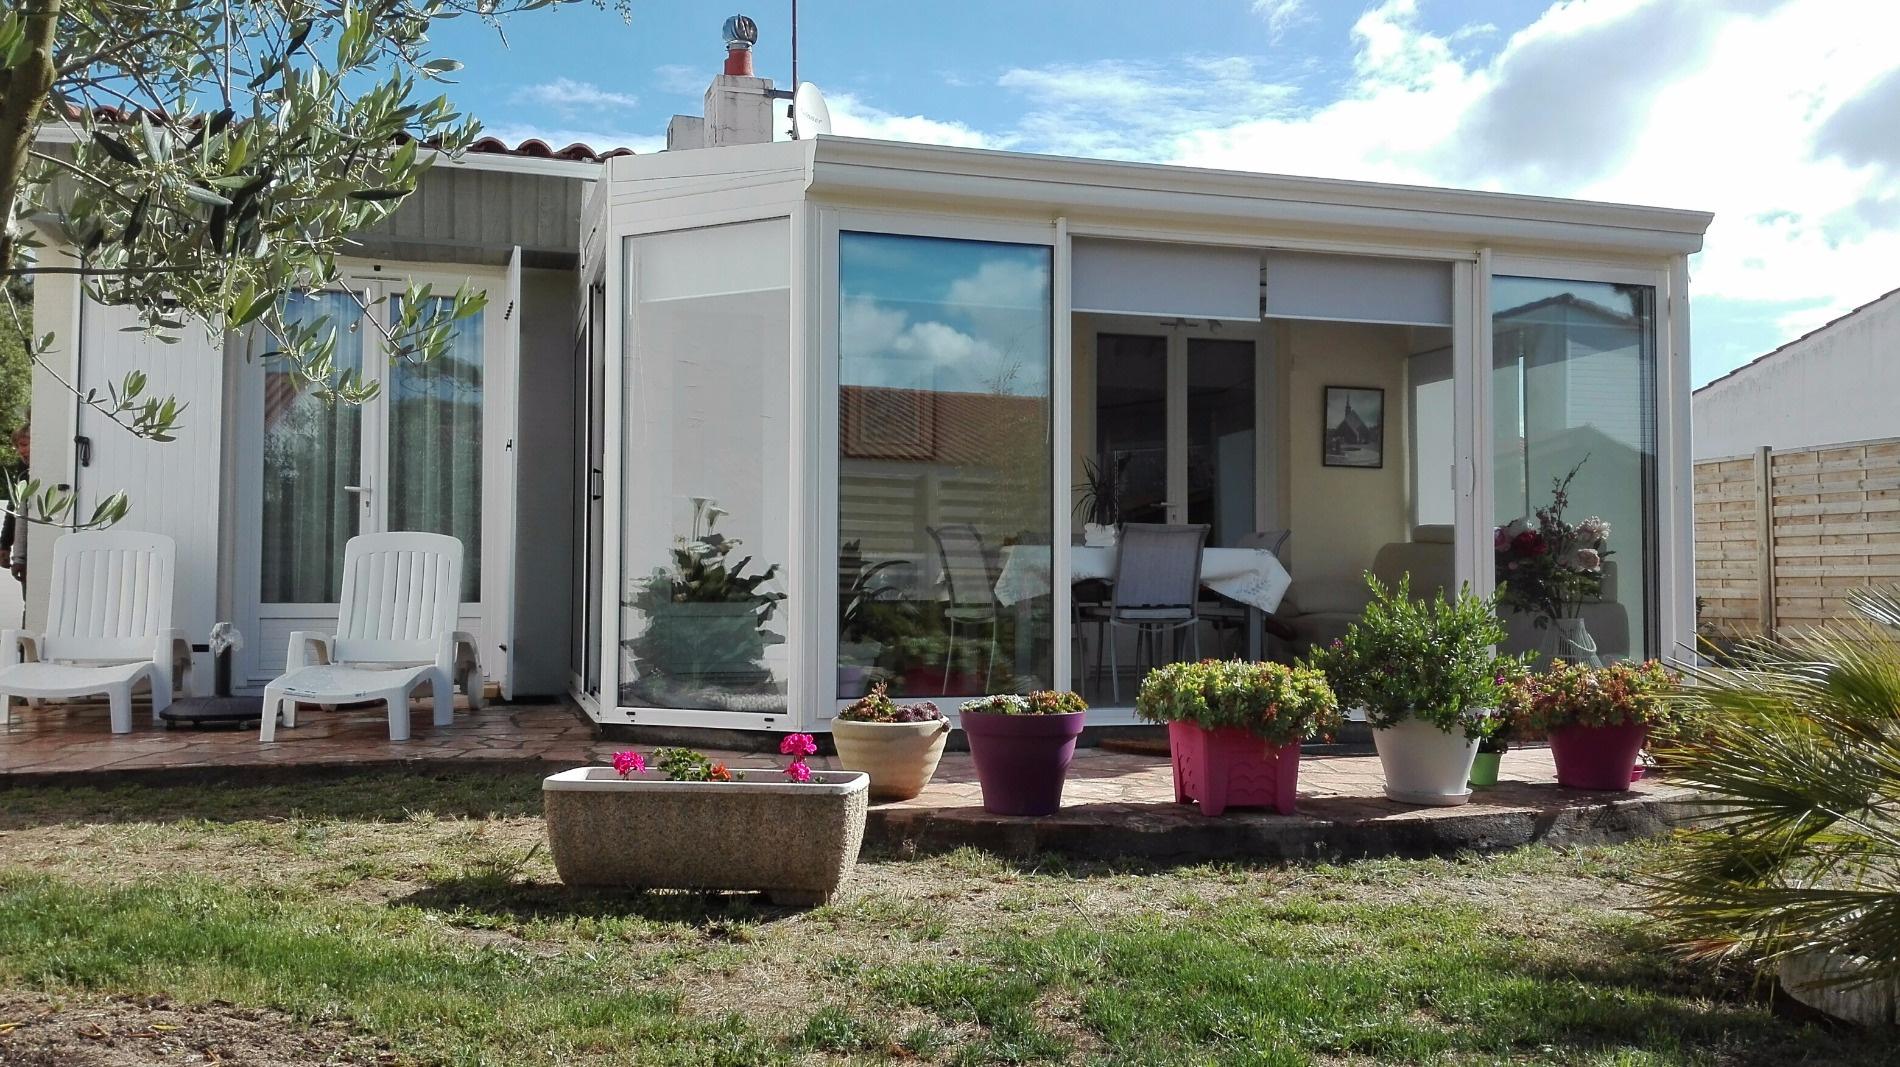 Vente maison 3 chambres au pied de la pin de avec garage - Garage la pinede montpellier ...